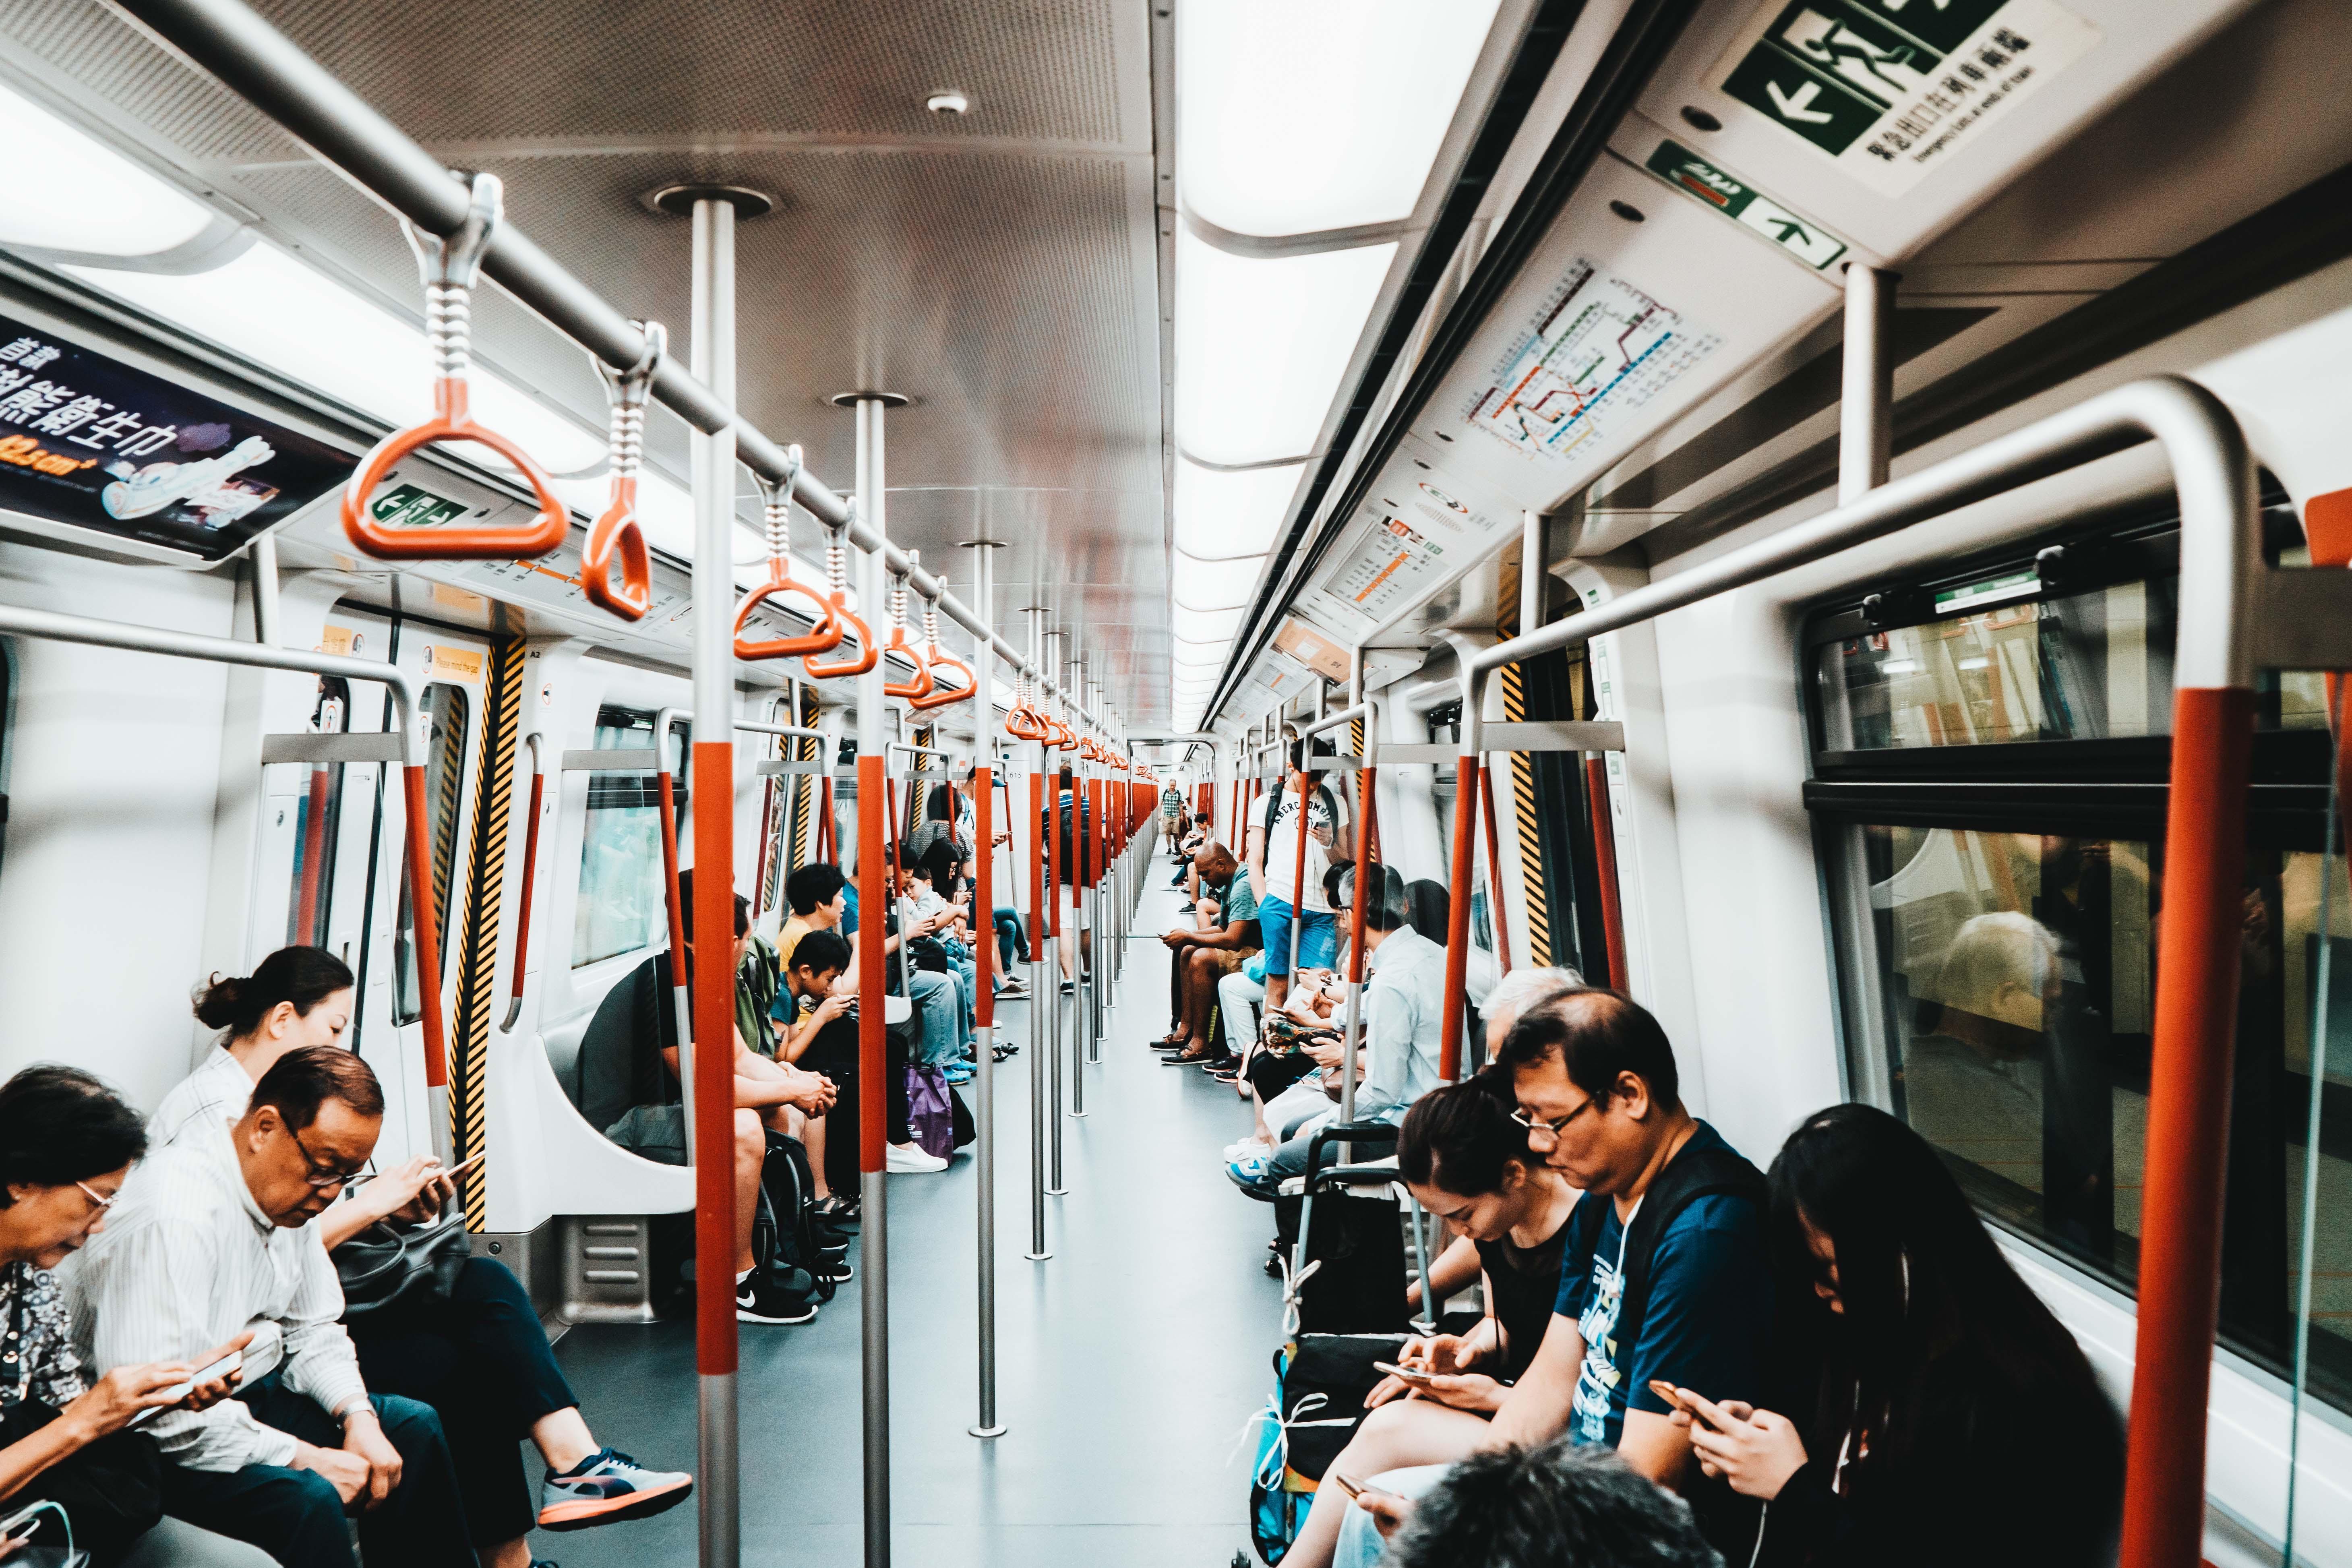 personas en el metro, utilizando smartphones